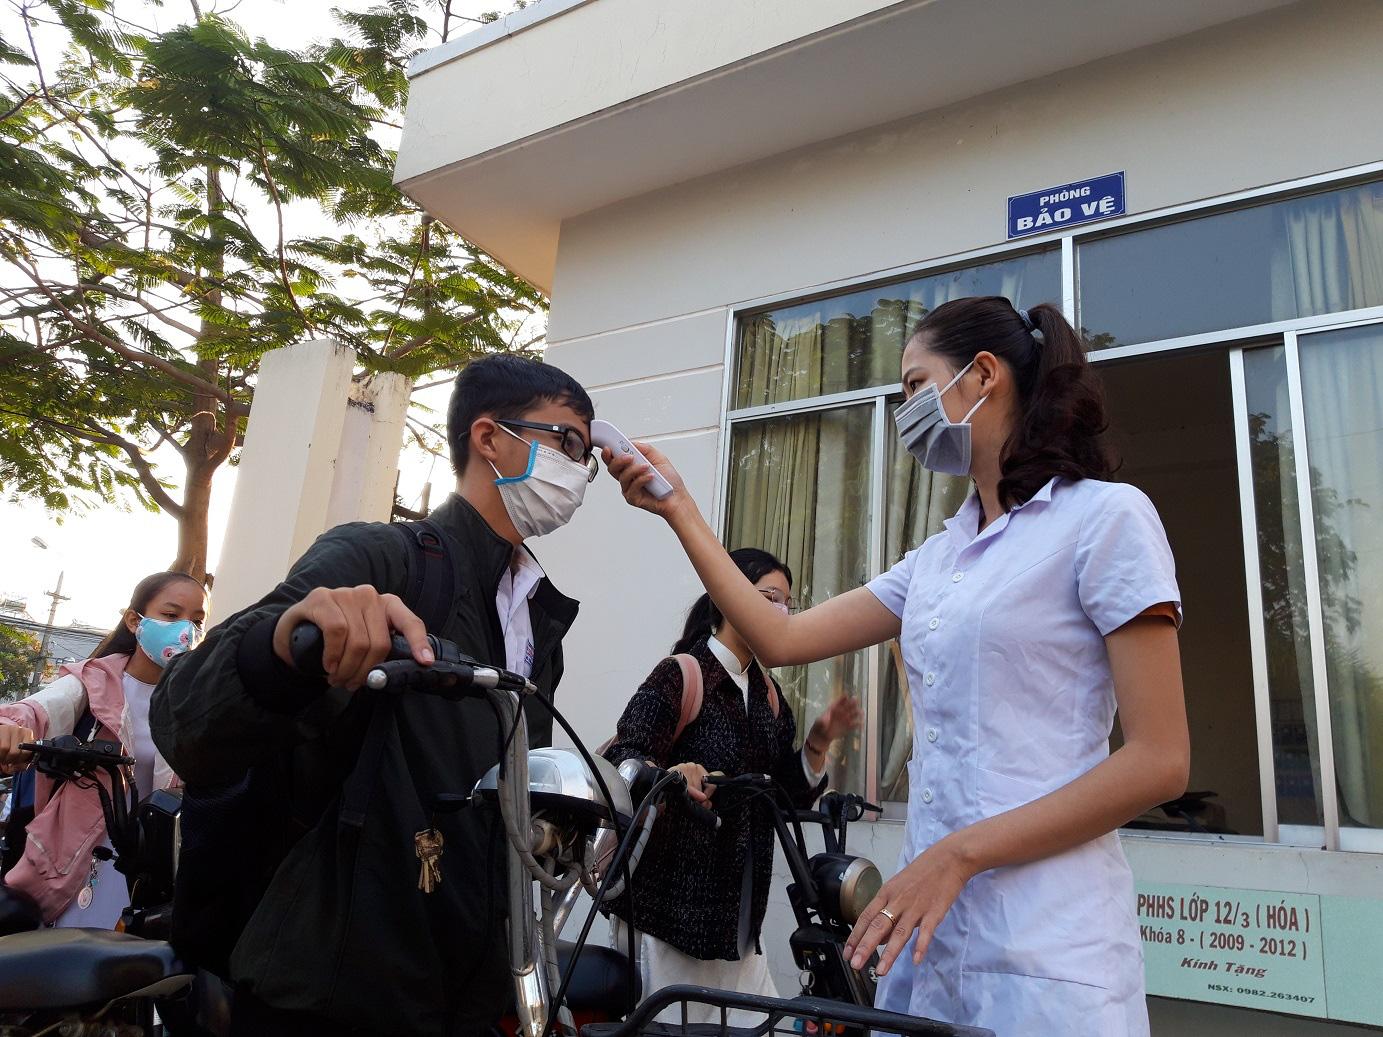 Quảng Nam: Ngày đầu đi học lại, trường khẩn trương khử trùng, học sinh được đo thân nhiệt trước khi vào lớp - Ảnh 2.